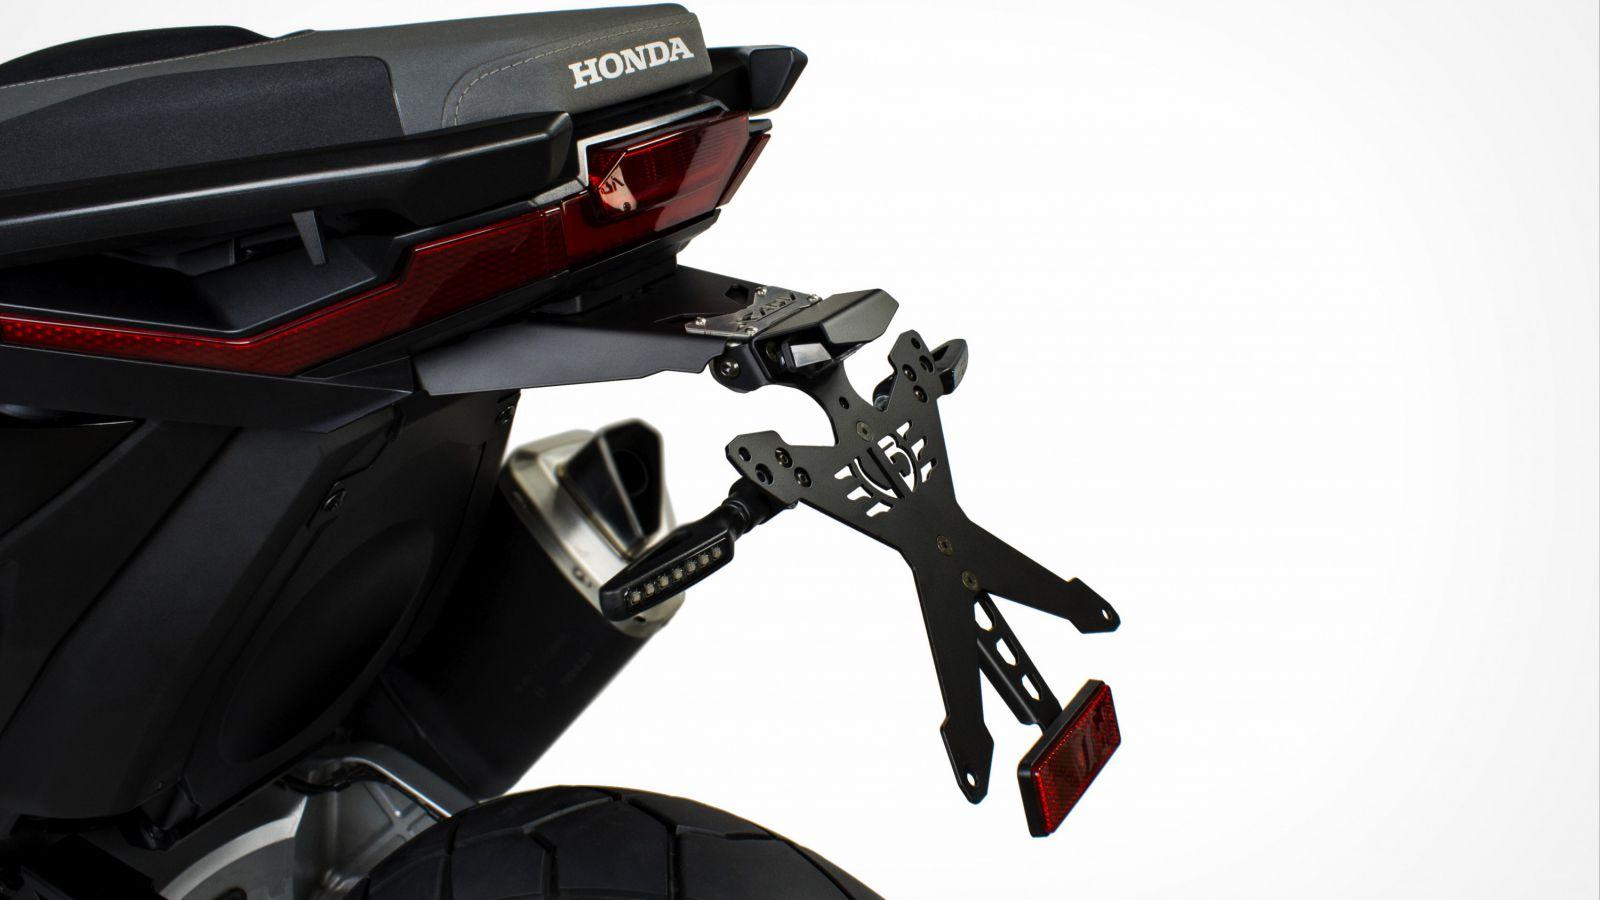 COMPATIBILE CON HONDA MSX 125 KIT PORTATARGA MOTO REGOLABILE UNIVERSALE NON SPECIFICO+4 FRECCE A LAMPADINA+LUCE TARGA TUTTO OMOLOGATO OMOLOGATO